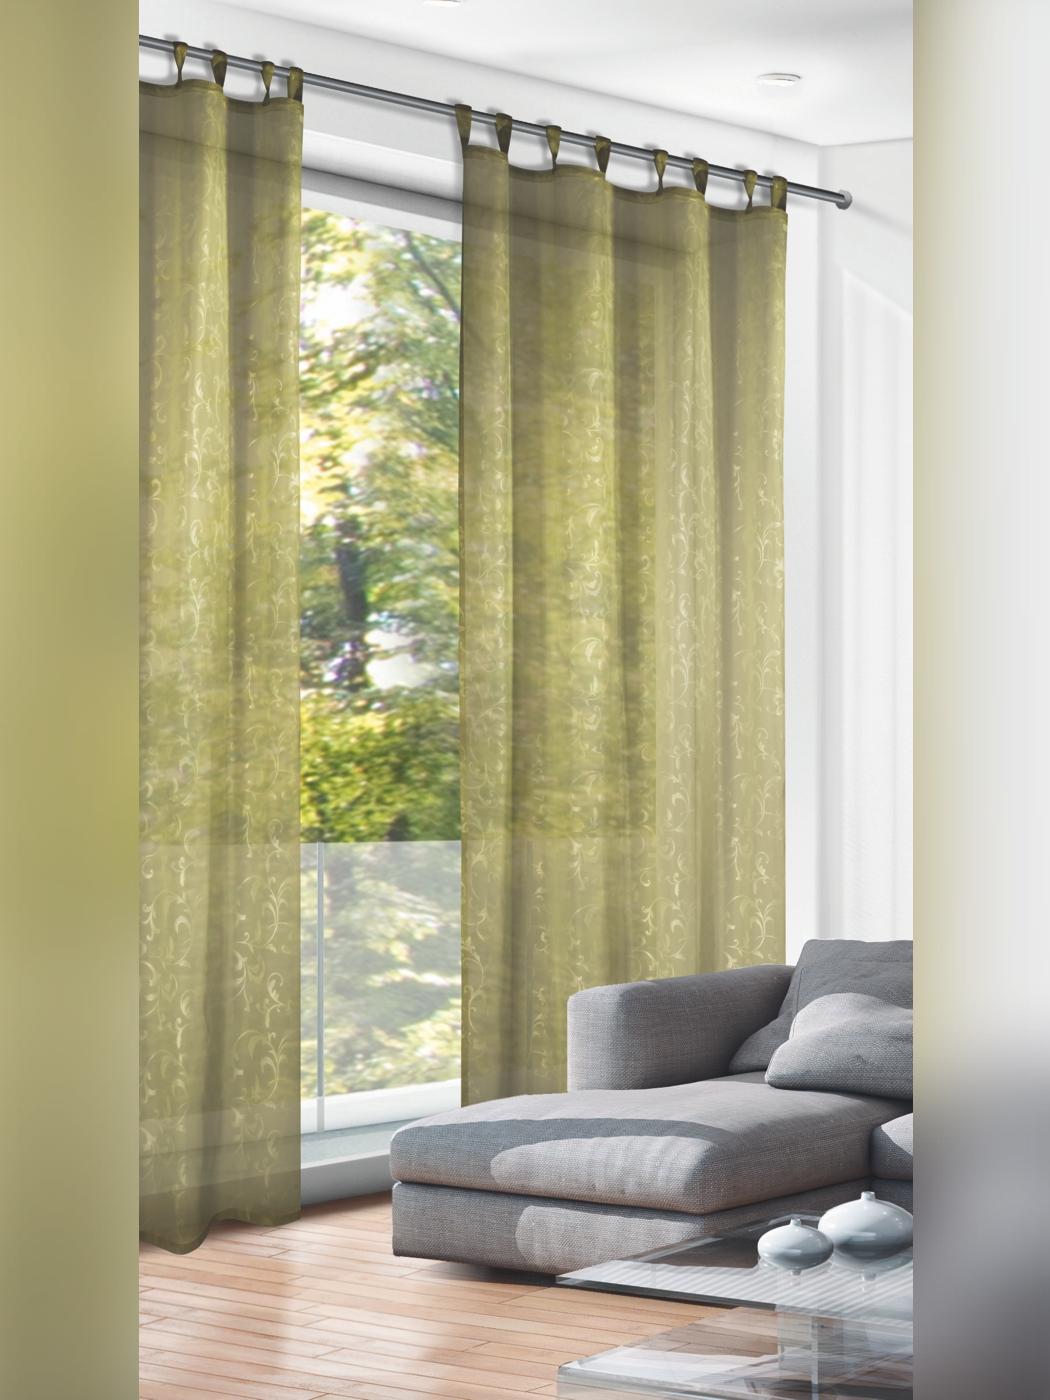 Full Size of Gardinen Vorhang Grn Ornamente Outlet Kurzzeitmesser Küche Wohnzimmer Schlaufengardinen Kurz